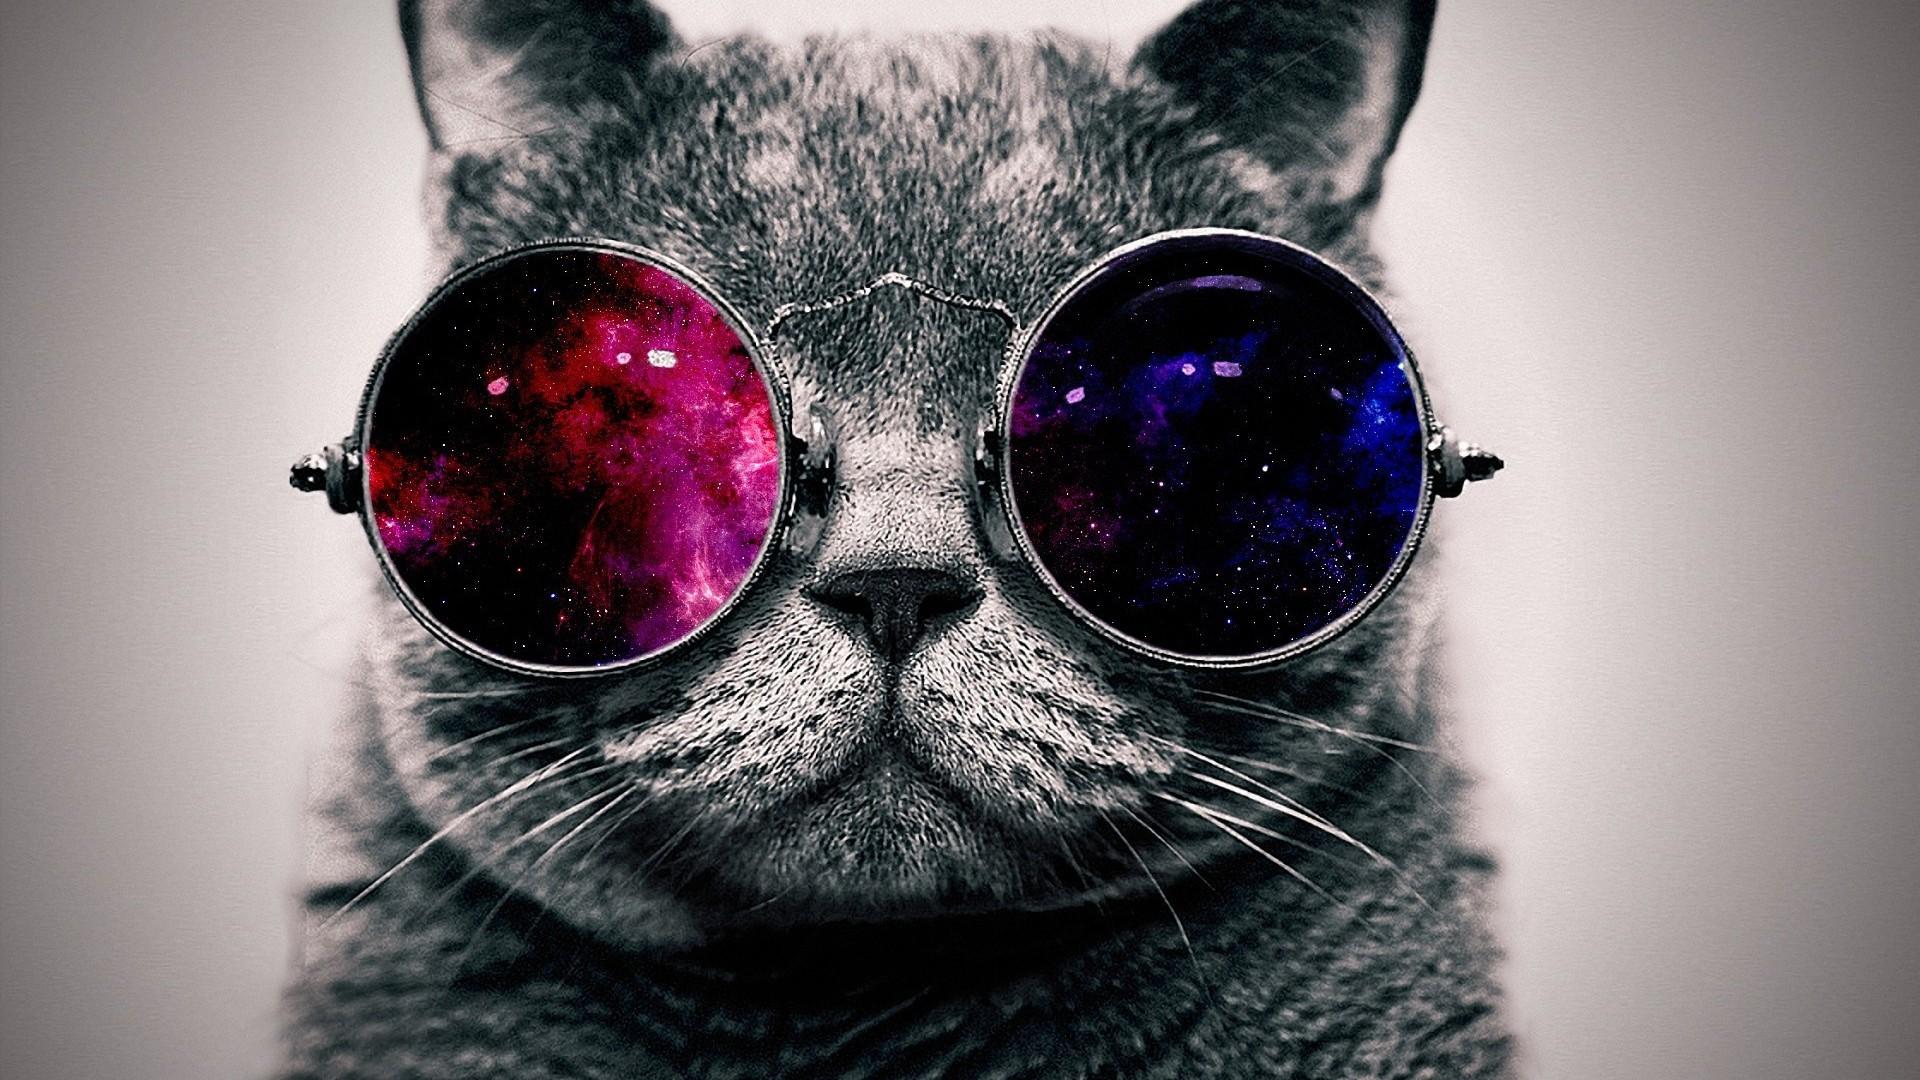 Beautitful Cats Sunglasses Wallpaper Cats Sunglasses Desktop Wallpaper